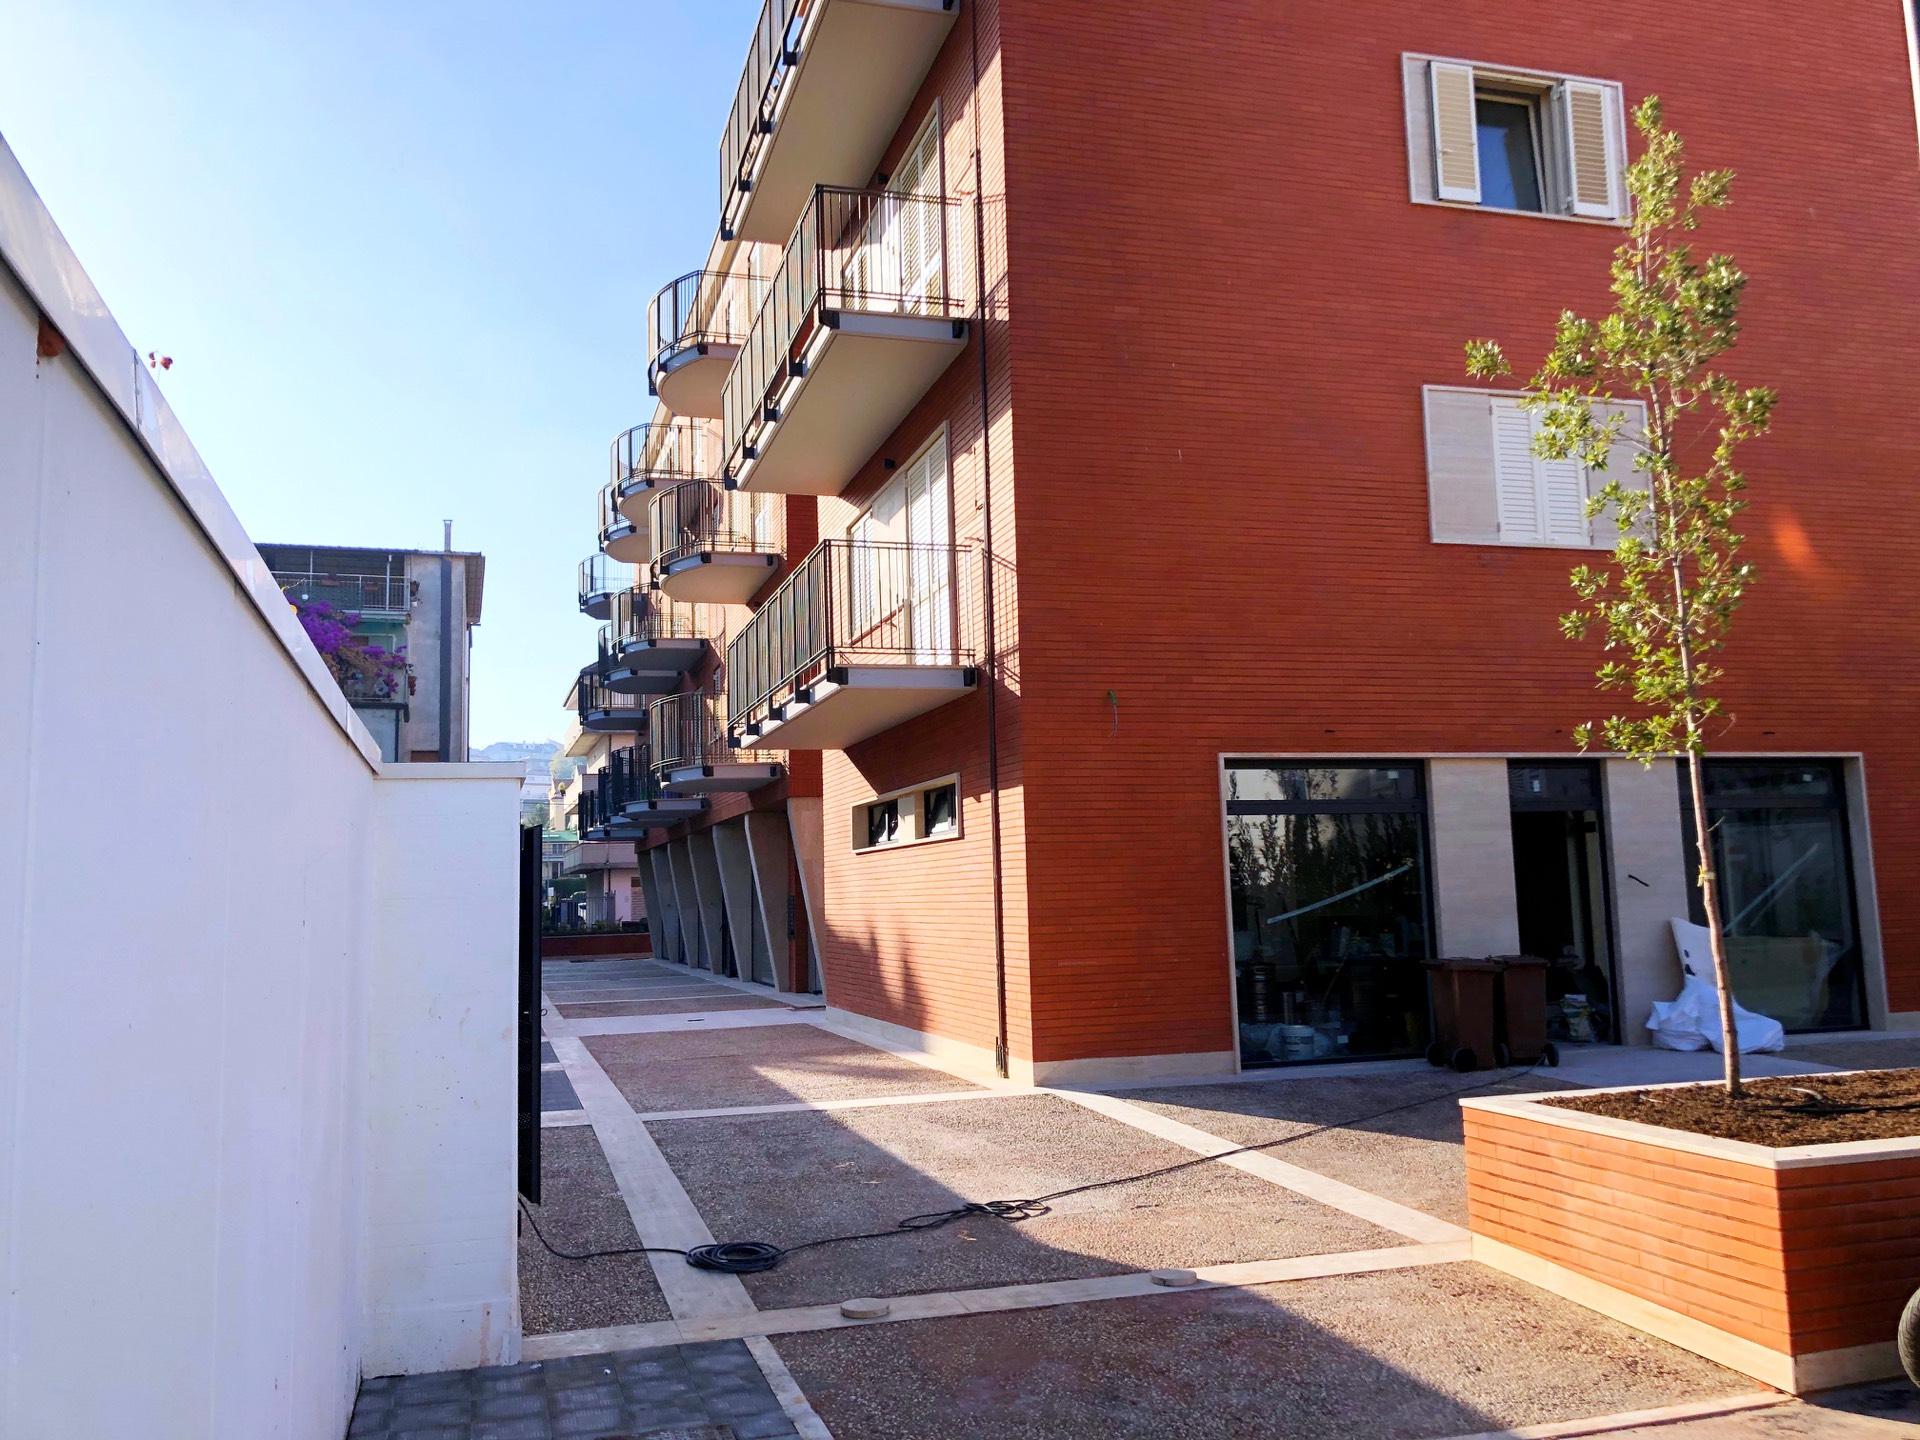 Locale commerciale nuovo San Benedetto del Tronto zona centrale